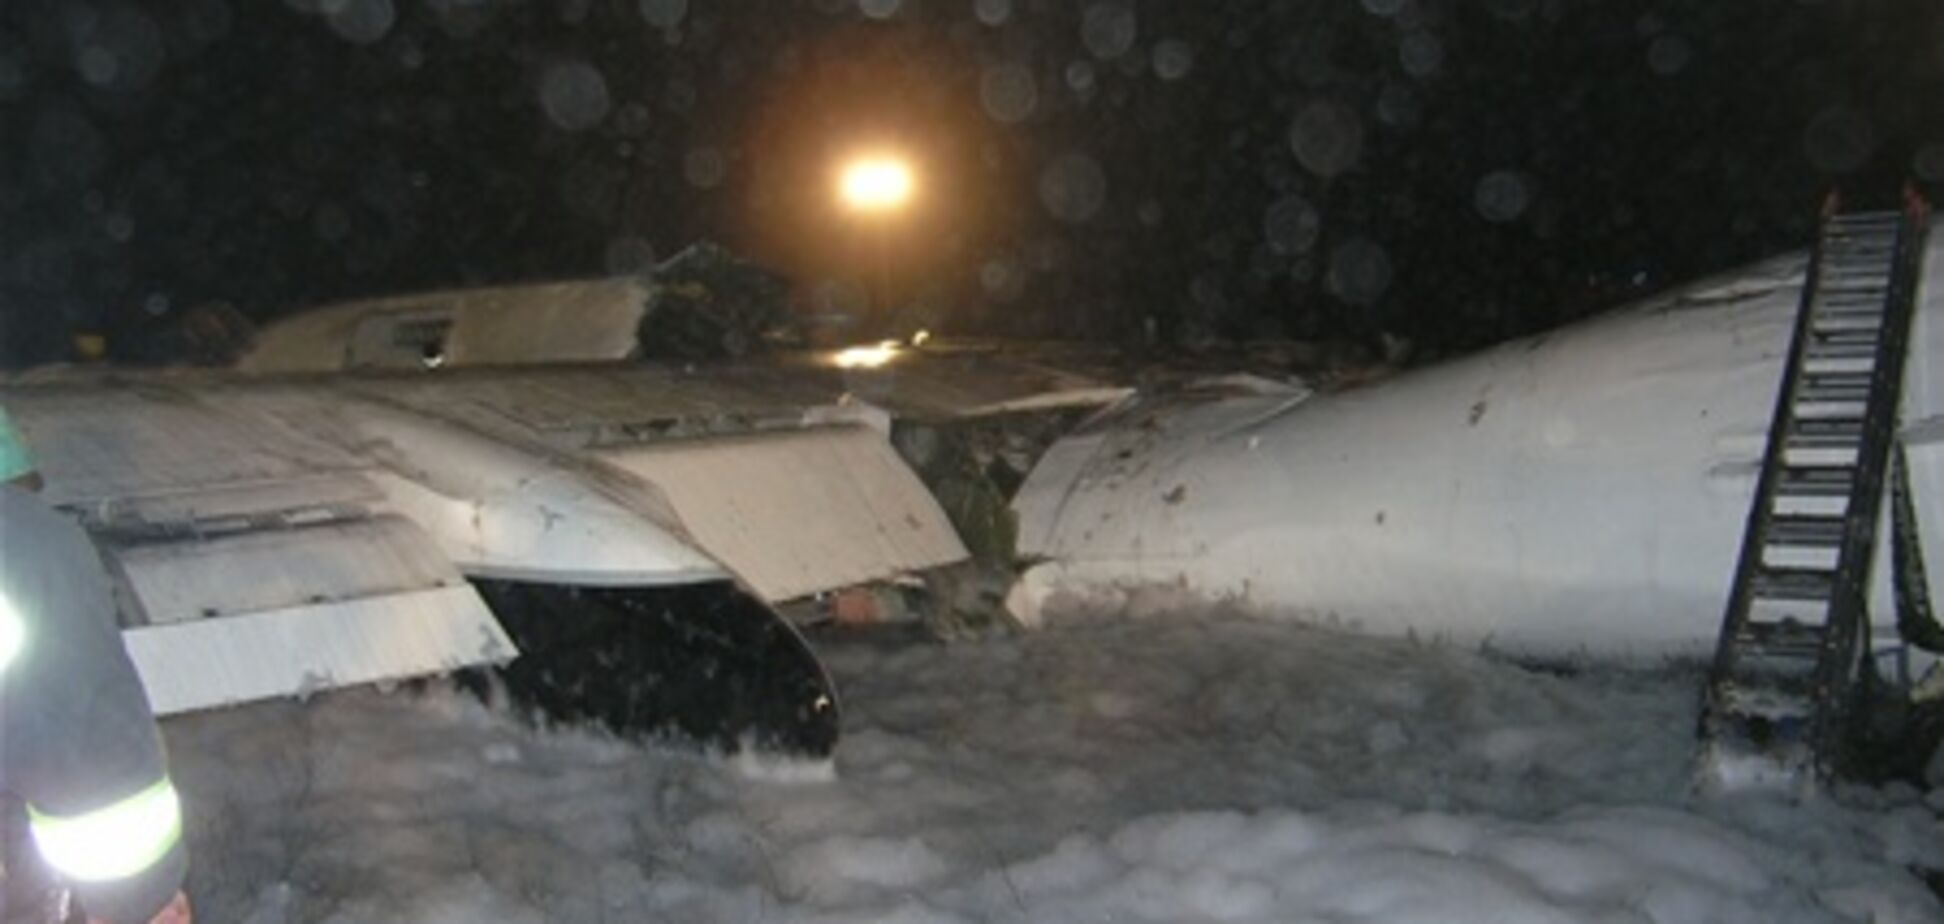 Співробітники 'Борисполя' співчувають рідним жертв катастрофи Ан-24